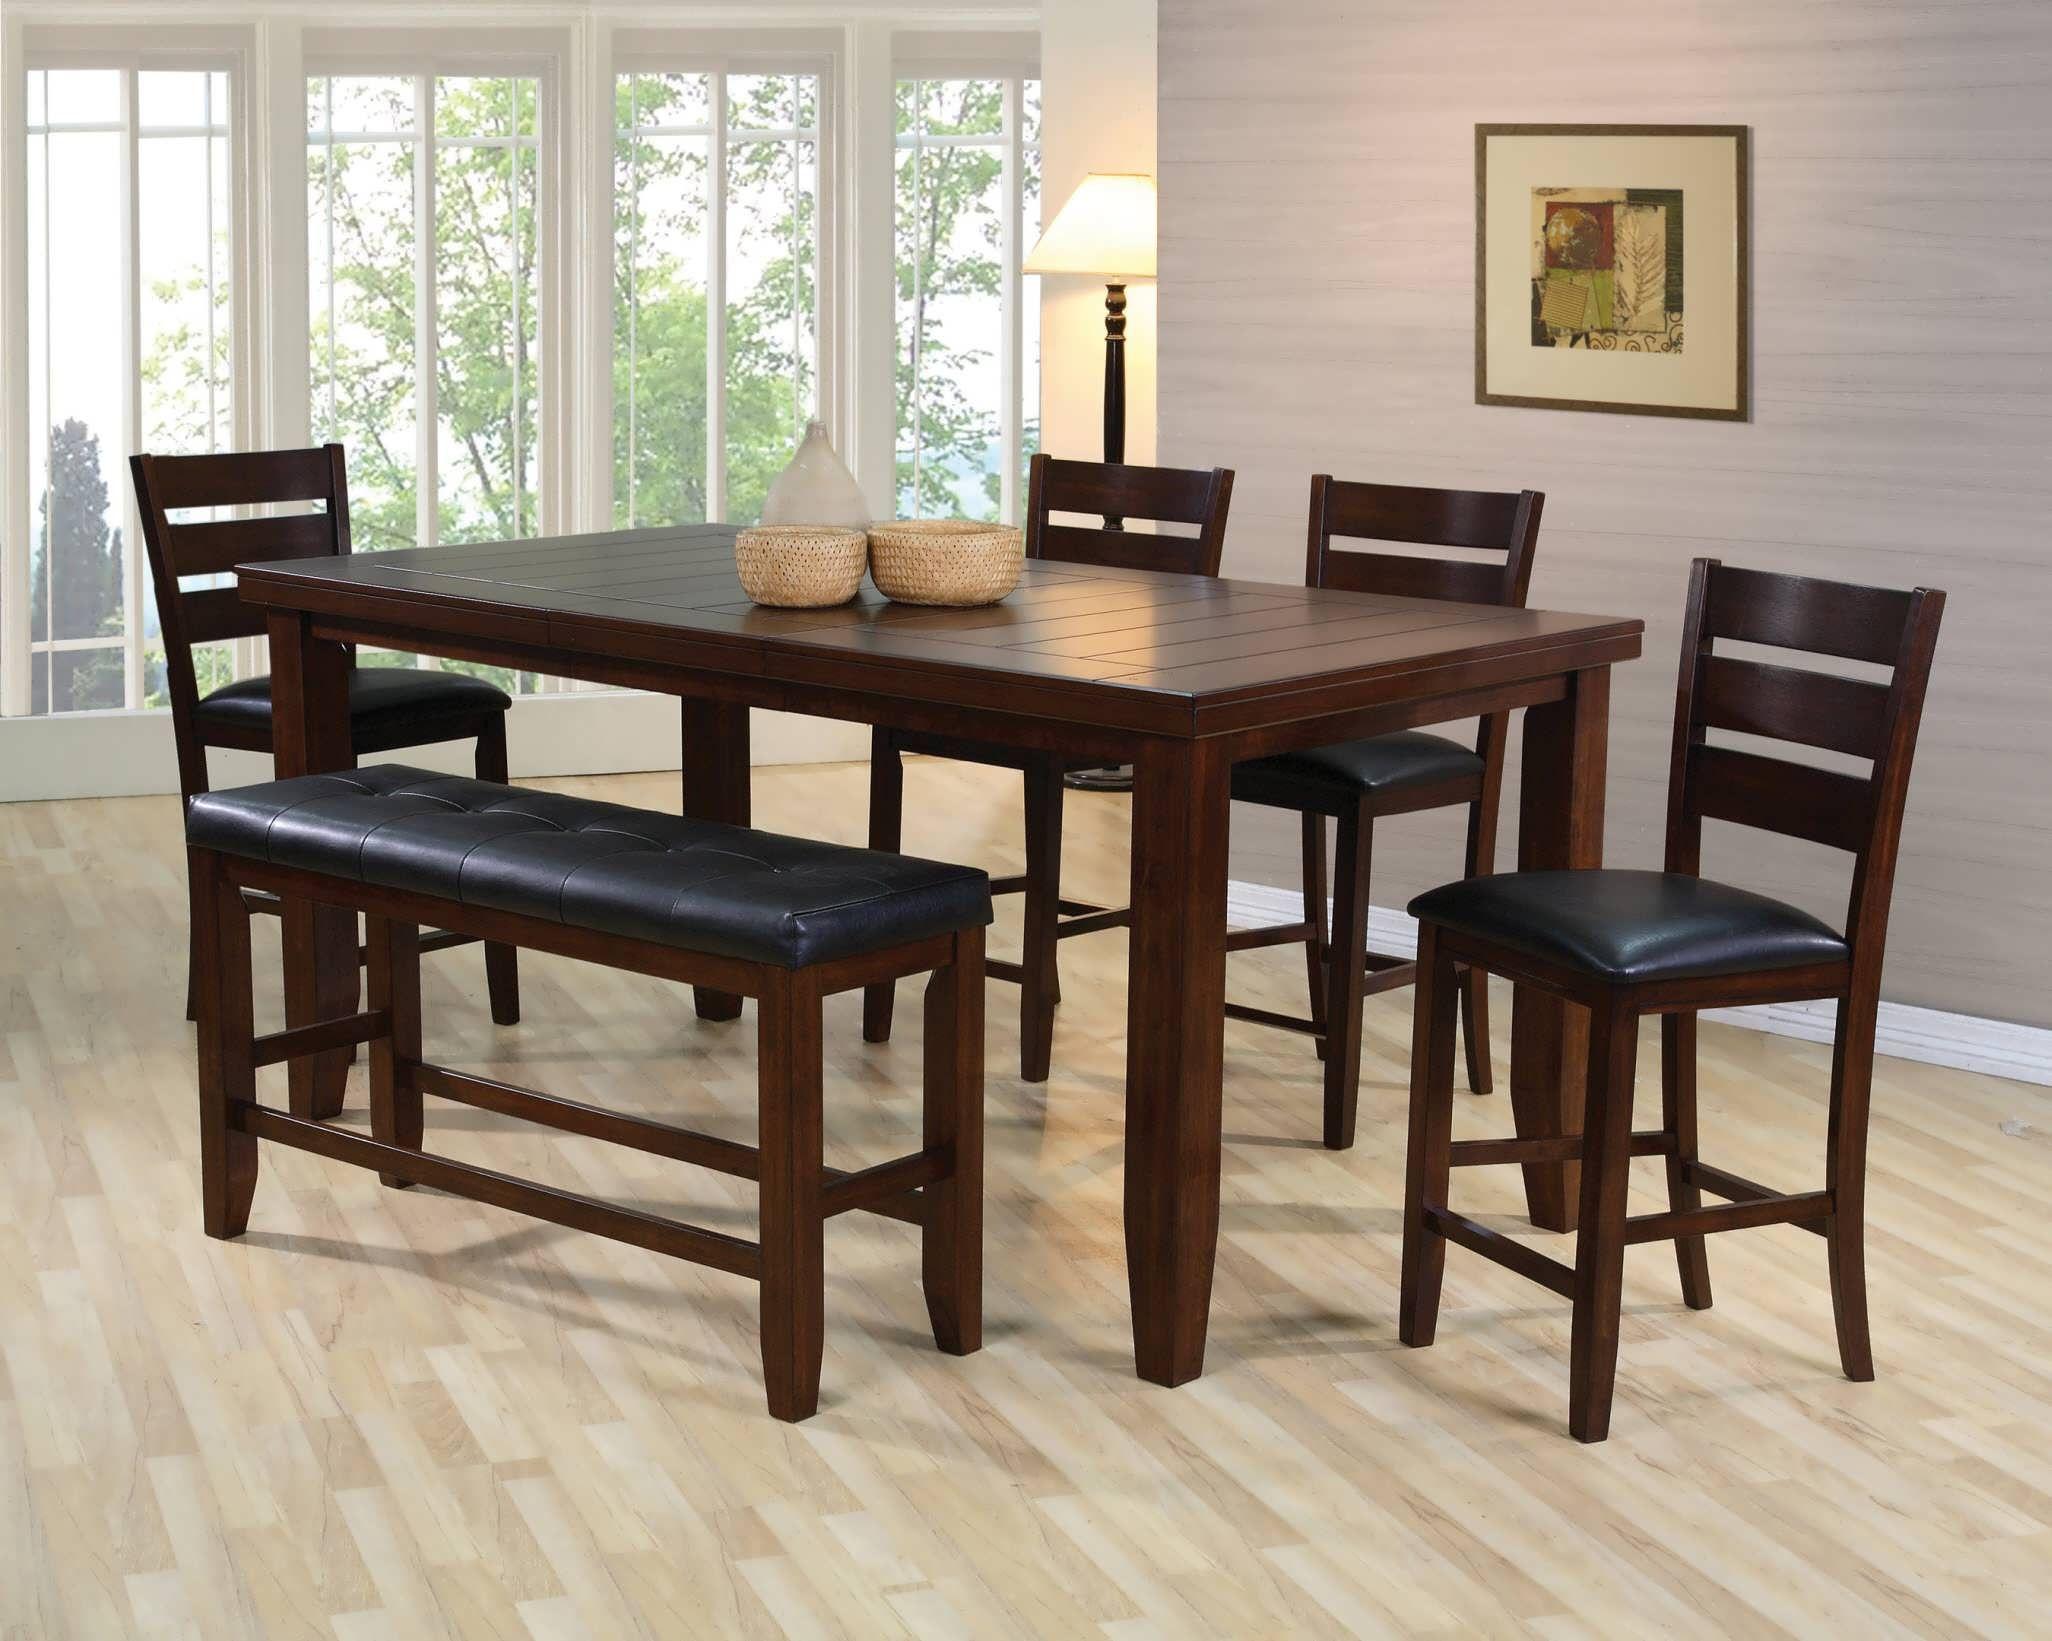 High Top Tisch Und Stühle High Top Küche Tisch Setzt Hohe